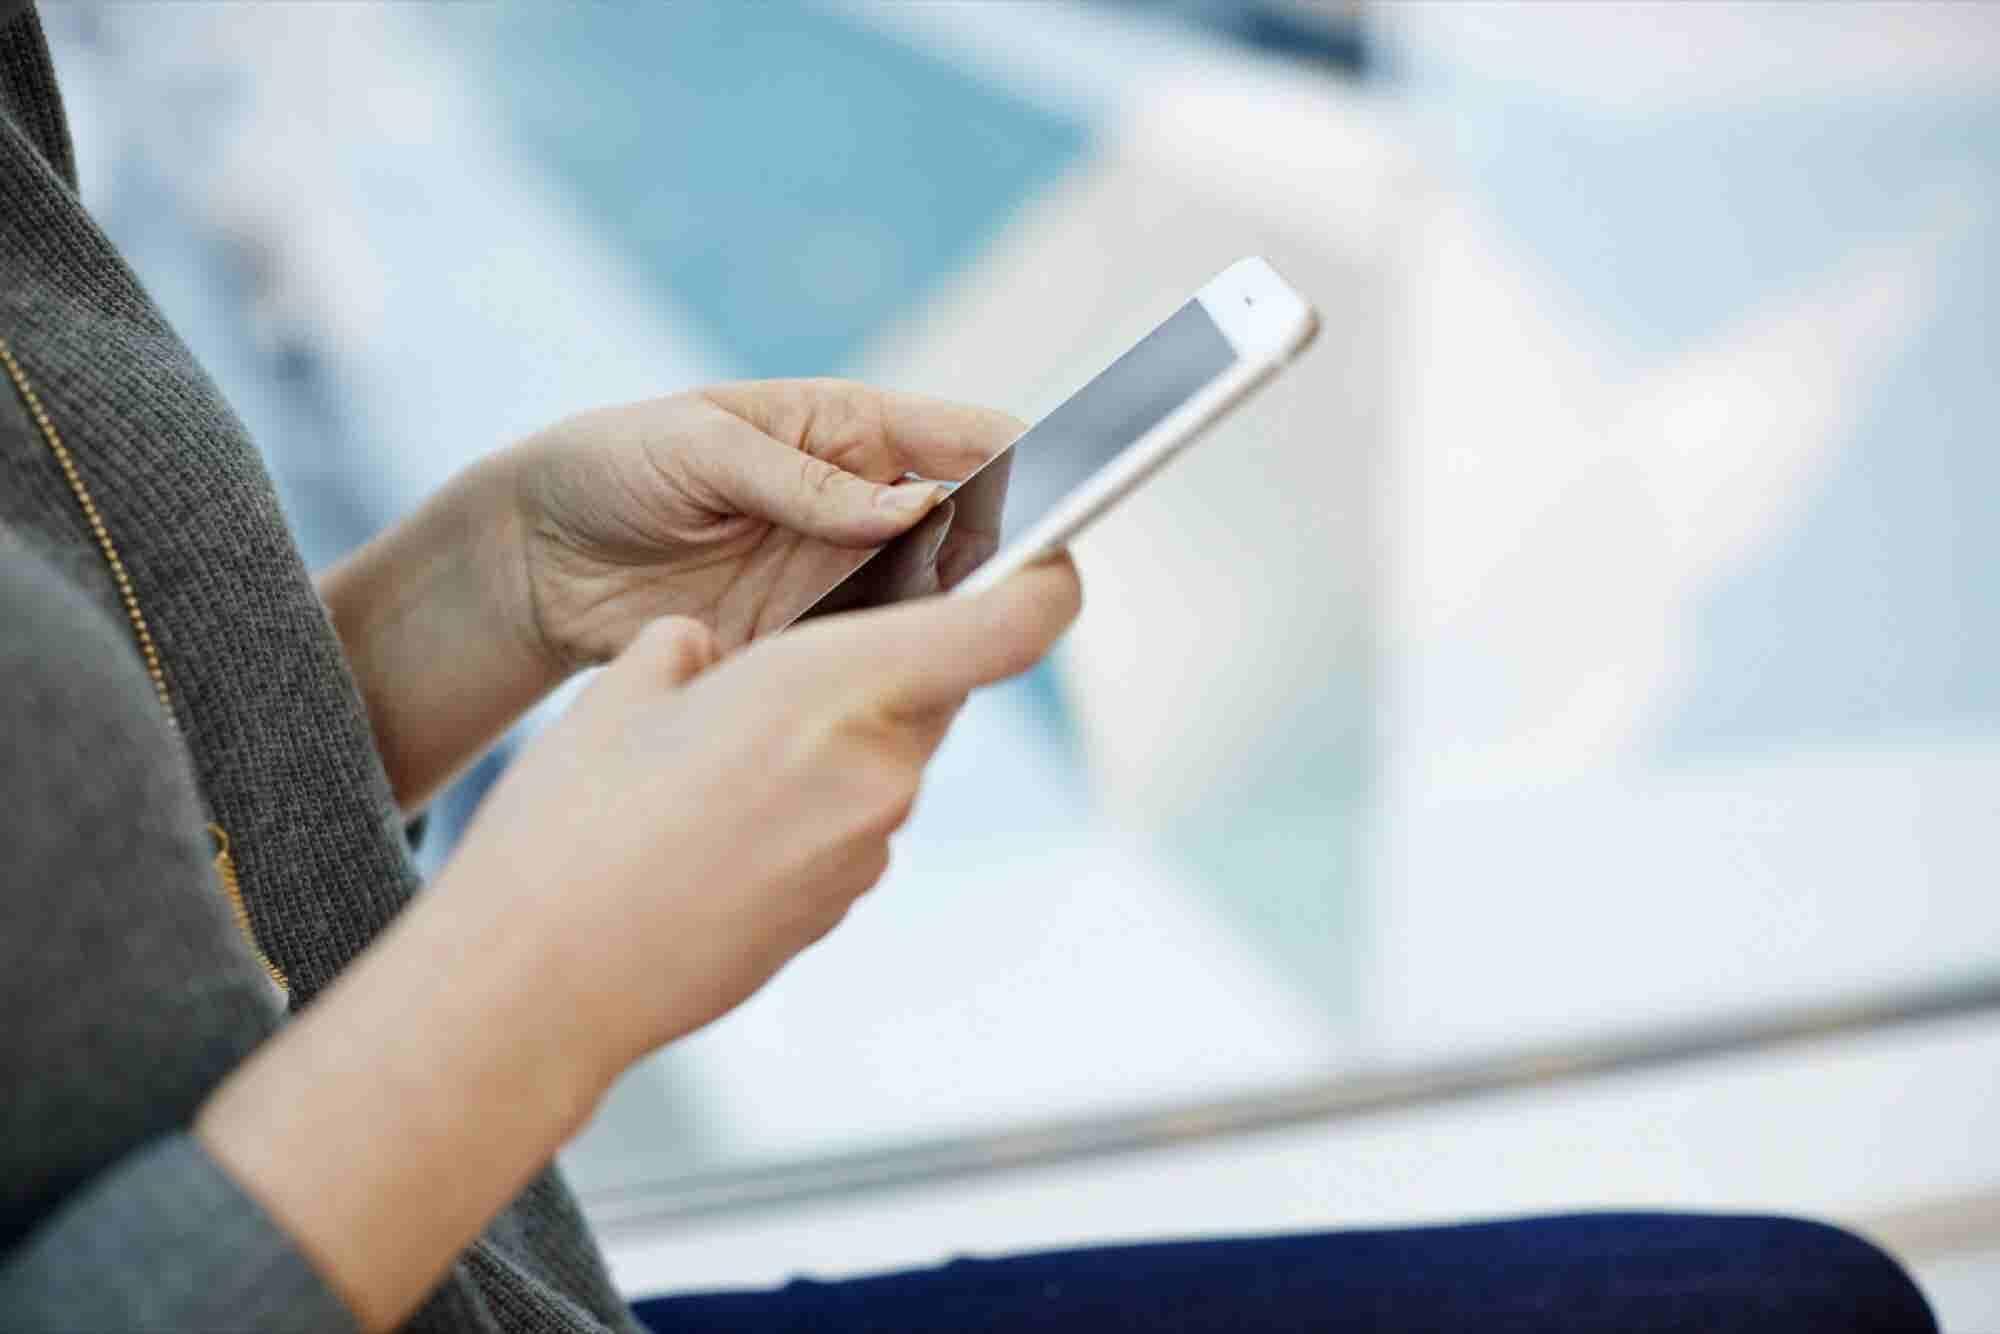 5 Smartphone Tips to Overcome FOMO